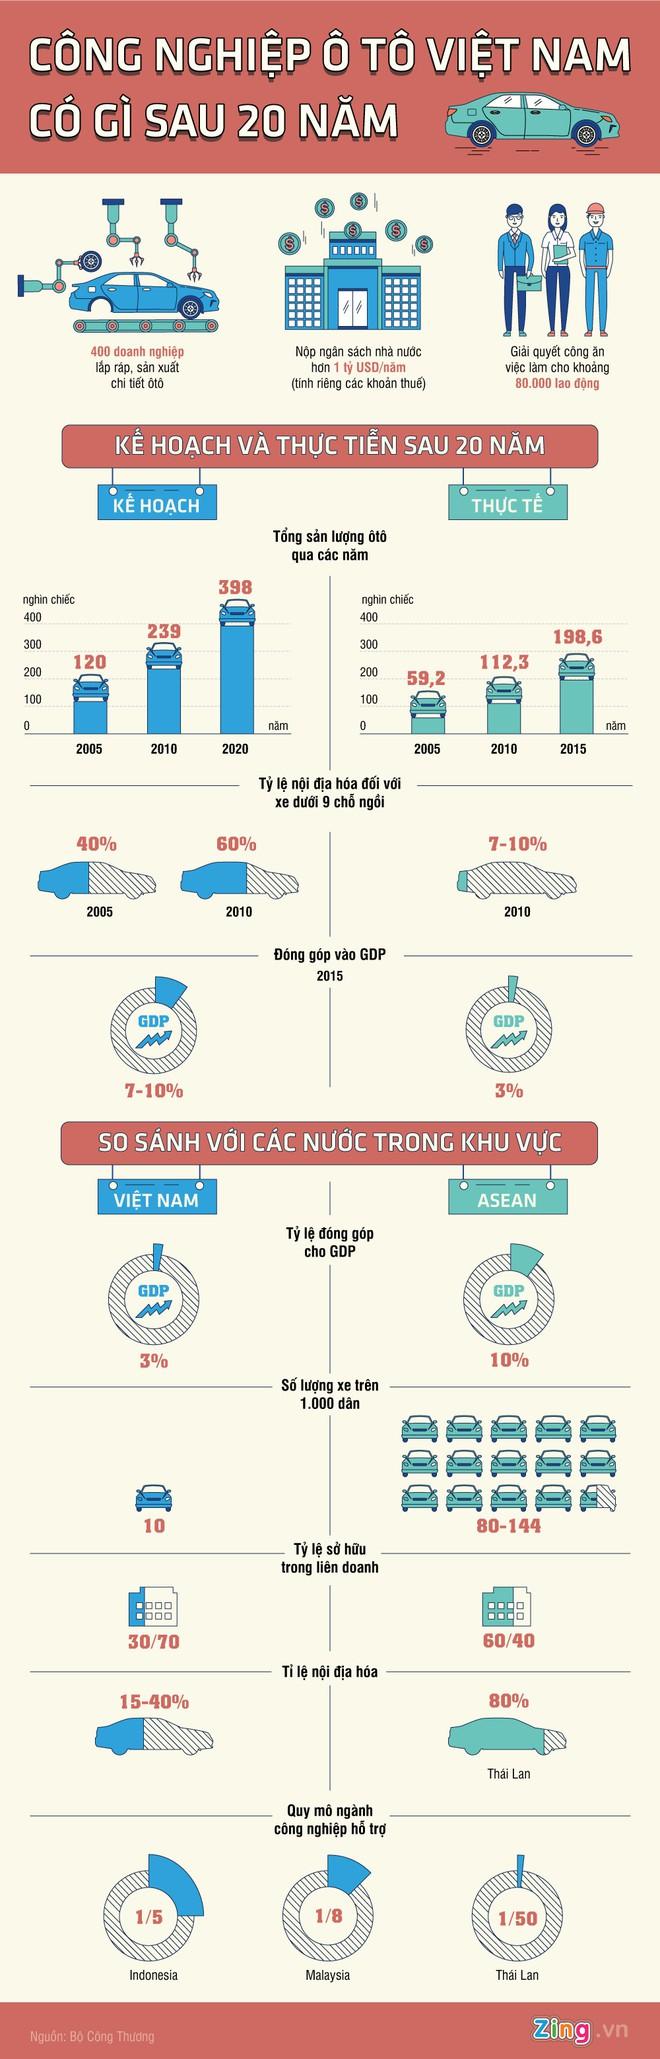 Công nghiệp ôtô Việt Nam có gì sau 20 năm? - Ảnh 1.